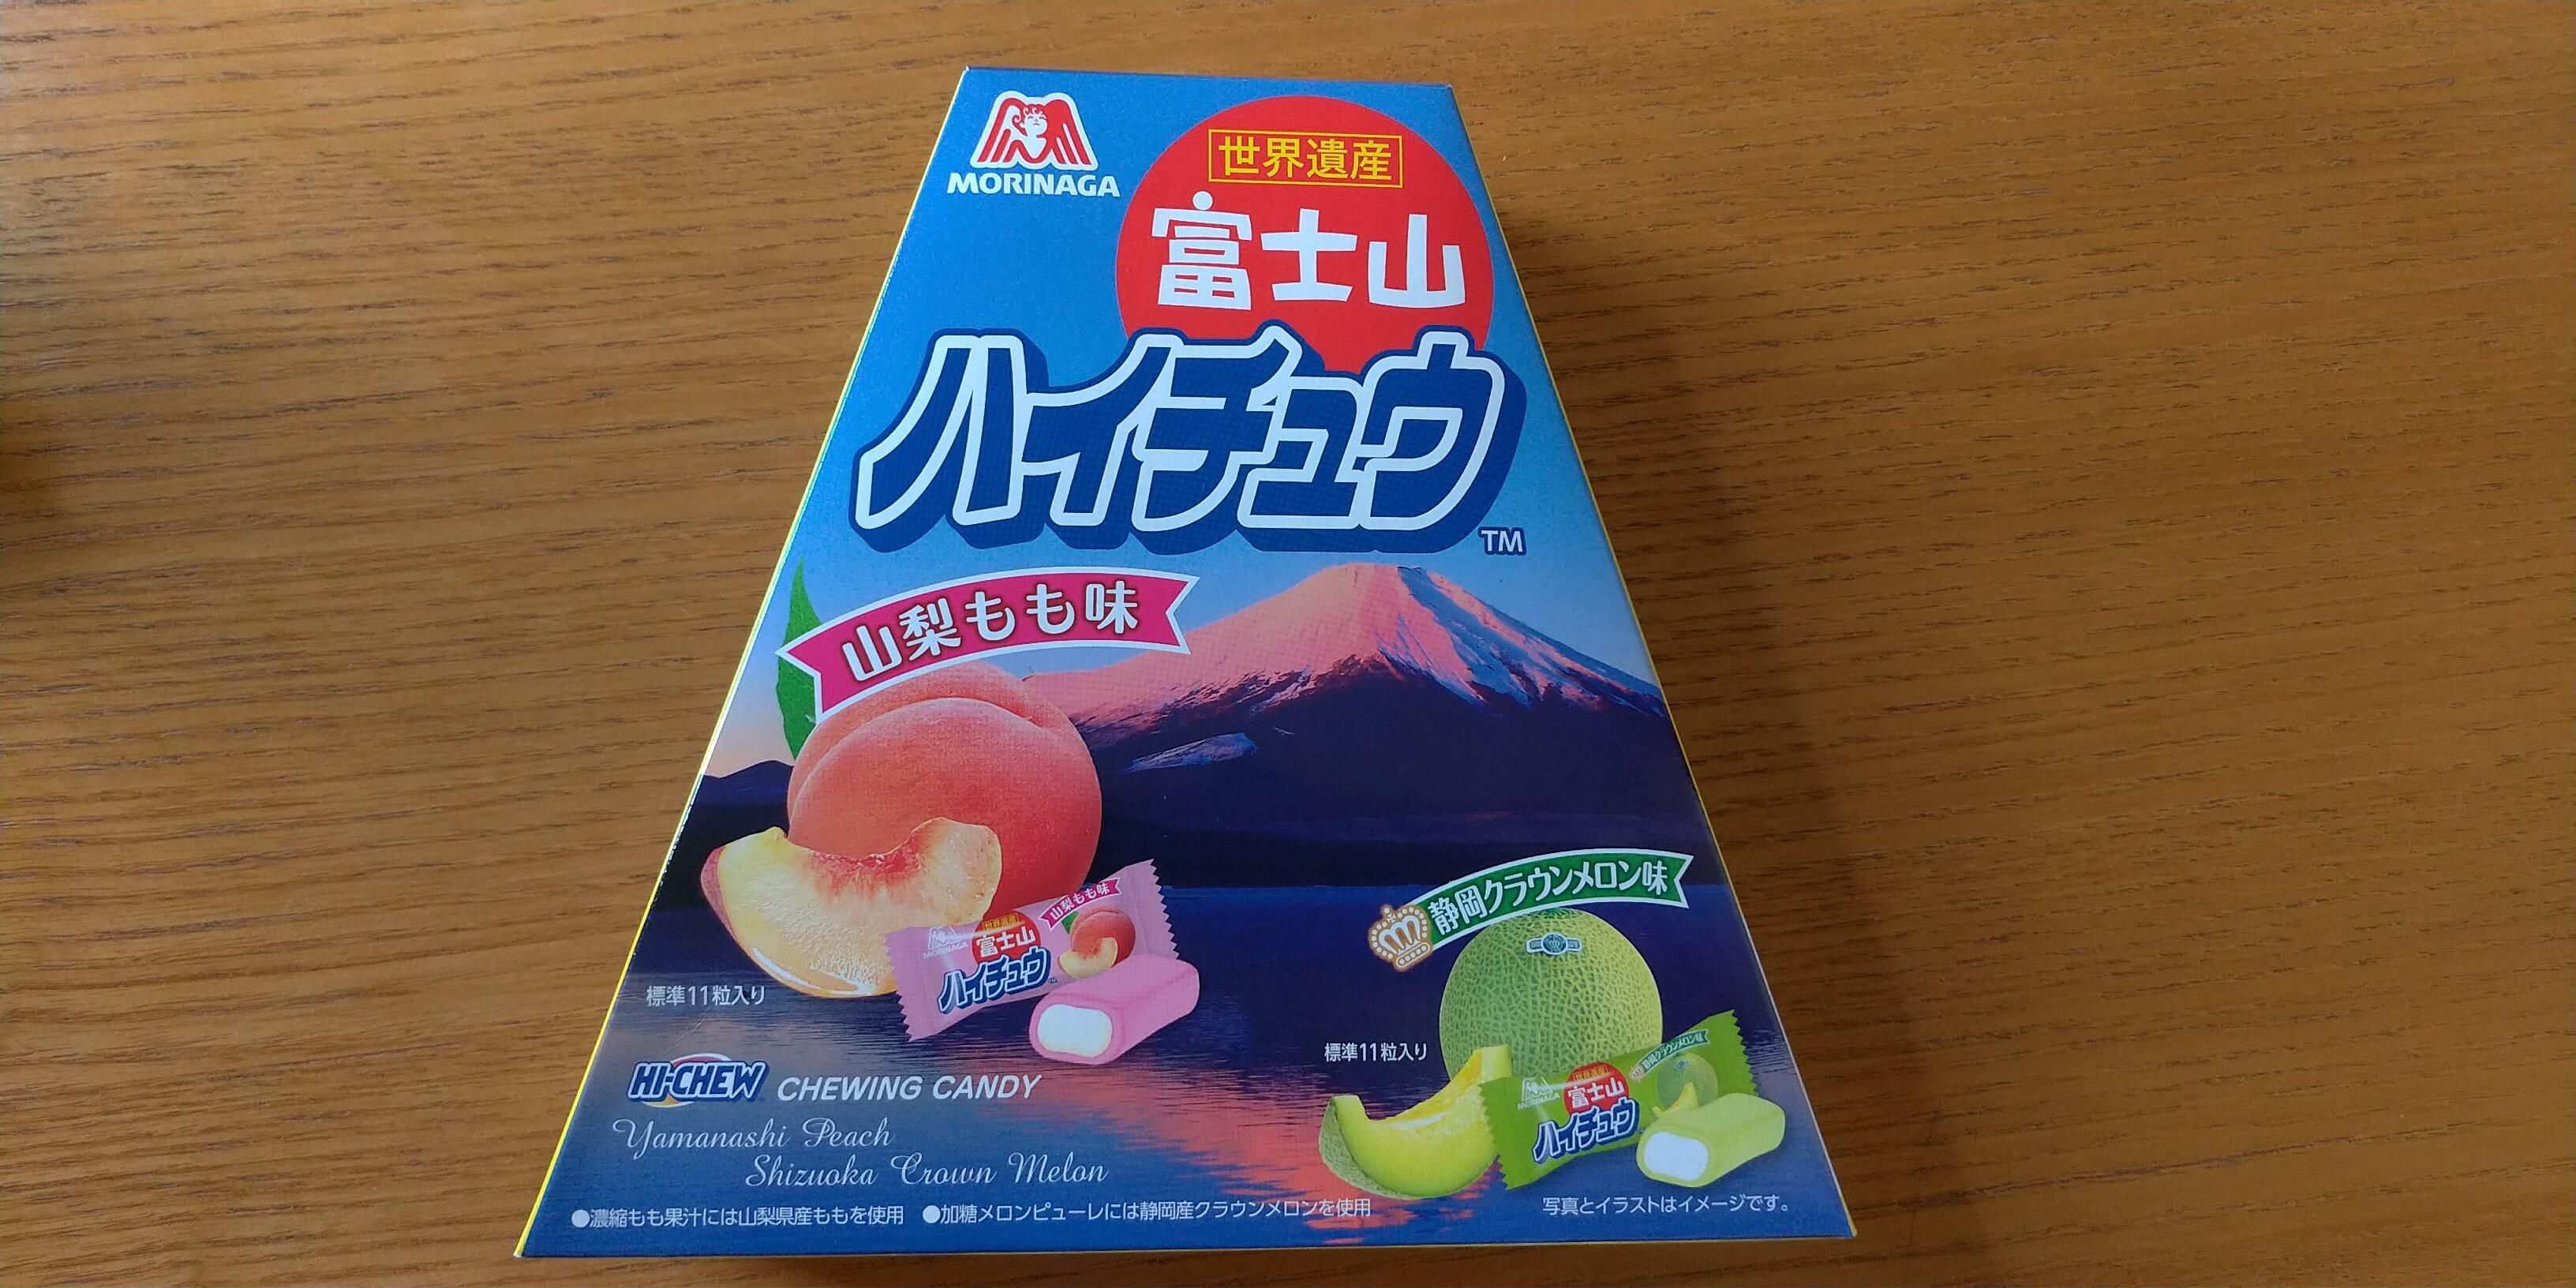 富士山ハイチュウの箱の画像